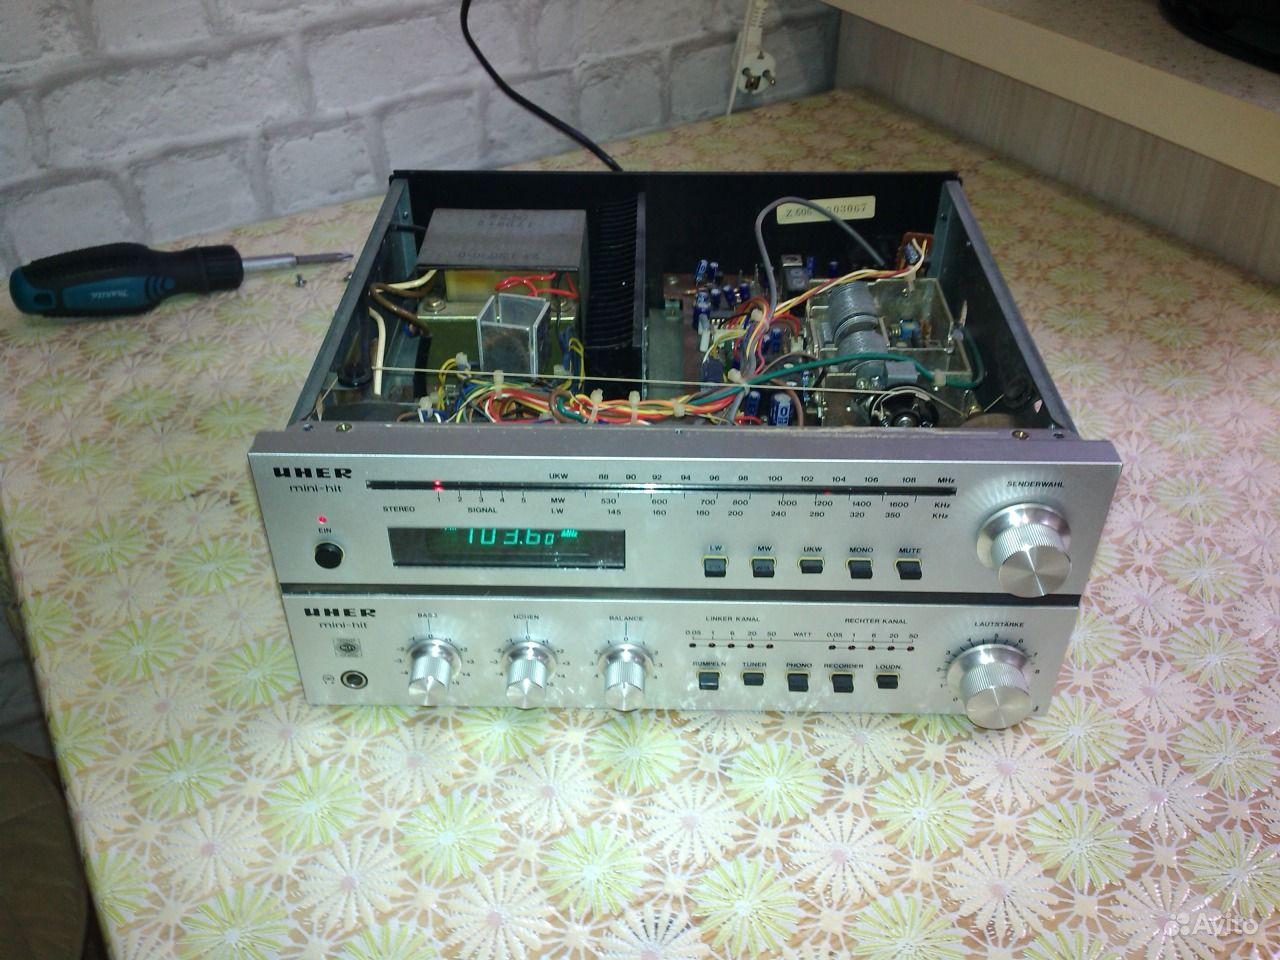 Uher eg 750 stereo uher eg 750 stereo #7